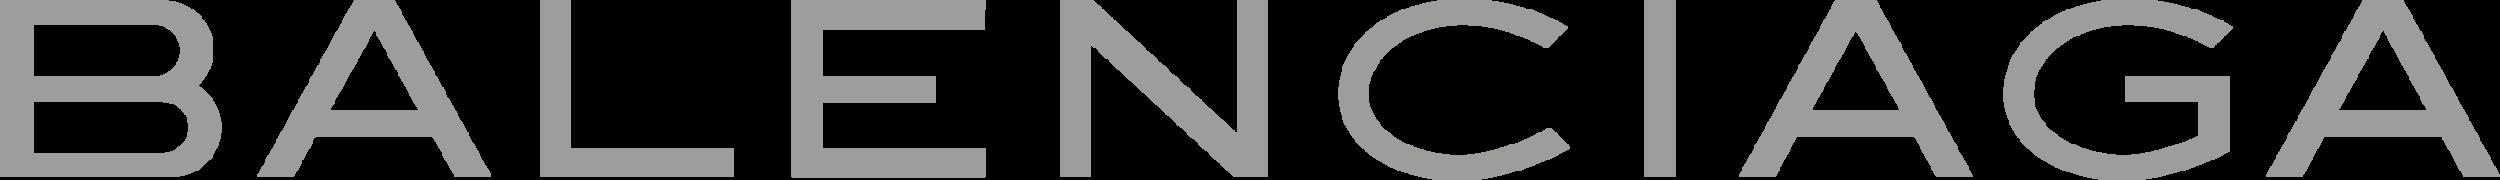 Copy of Balenciaga